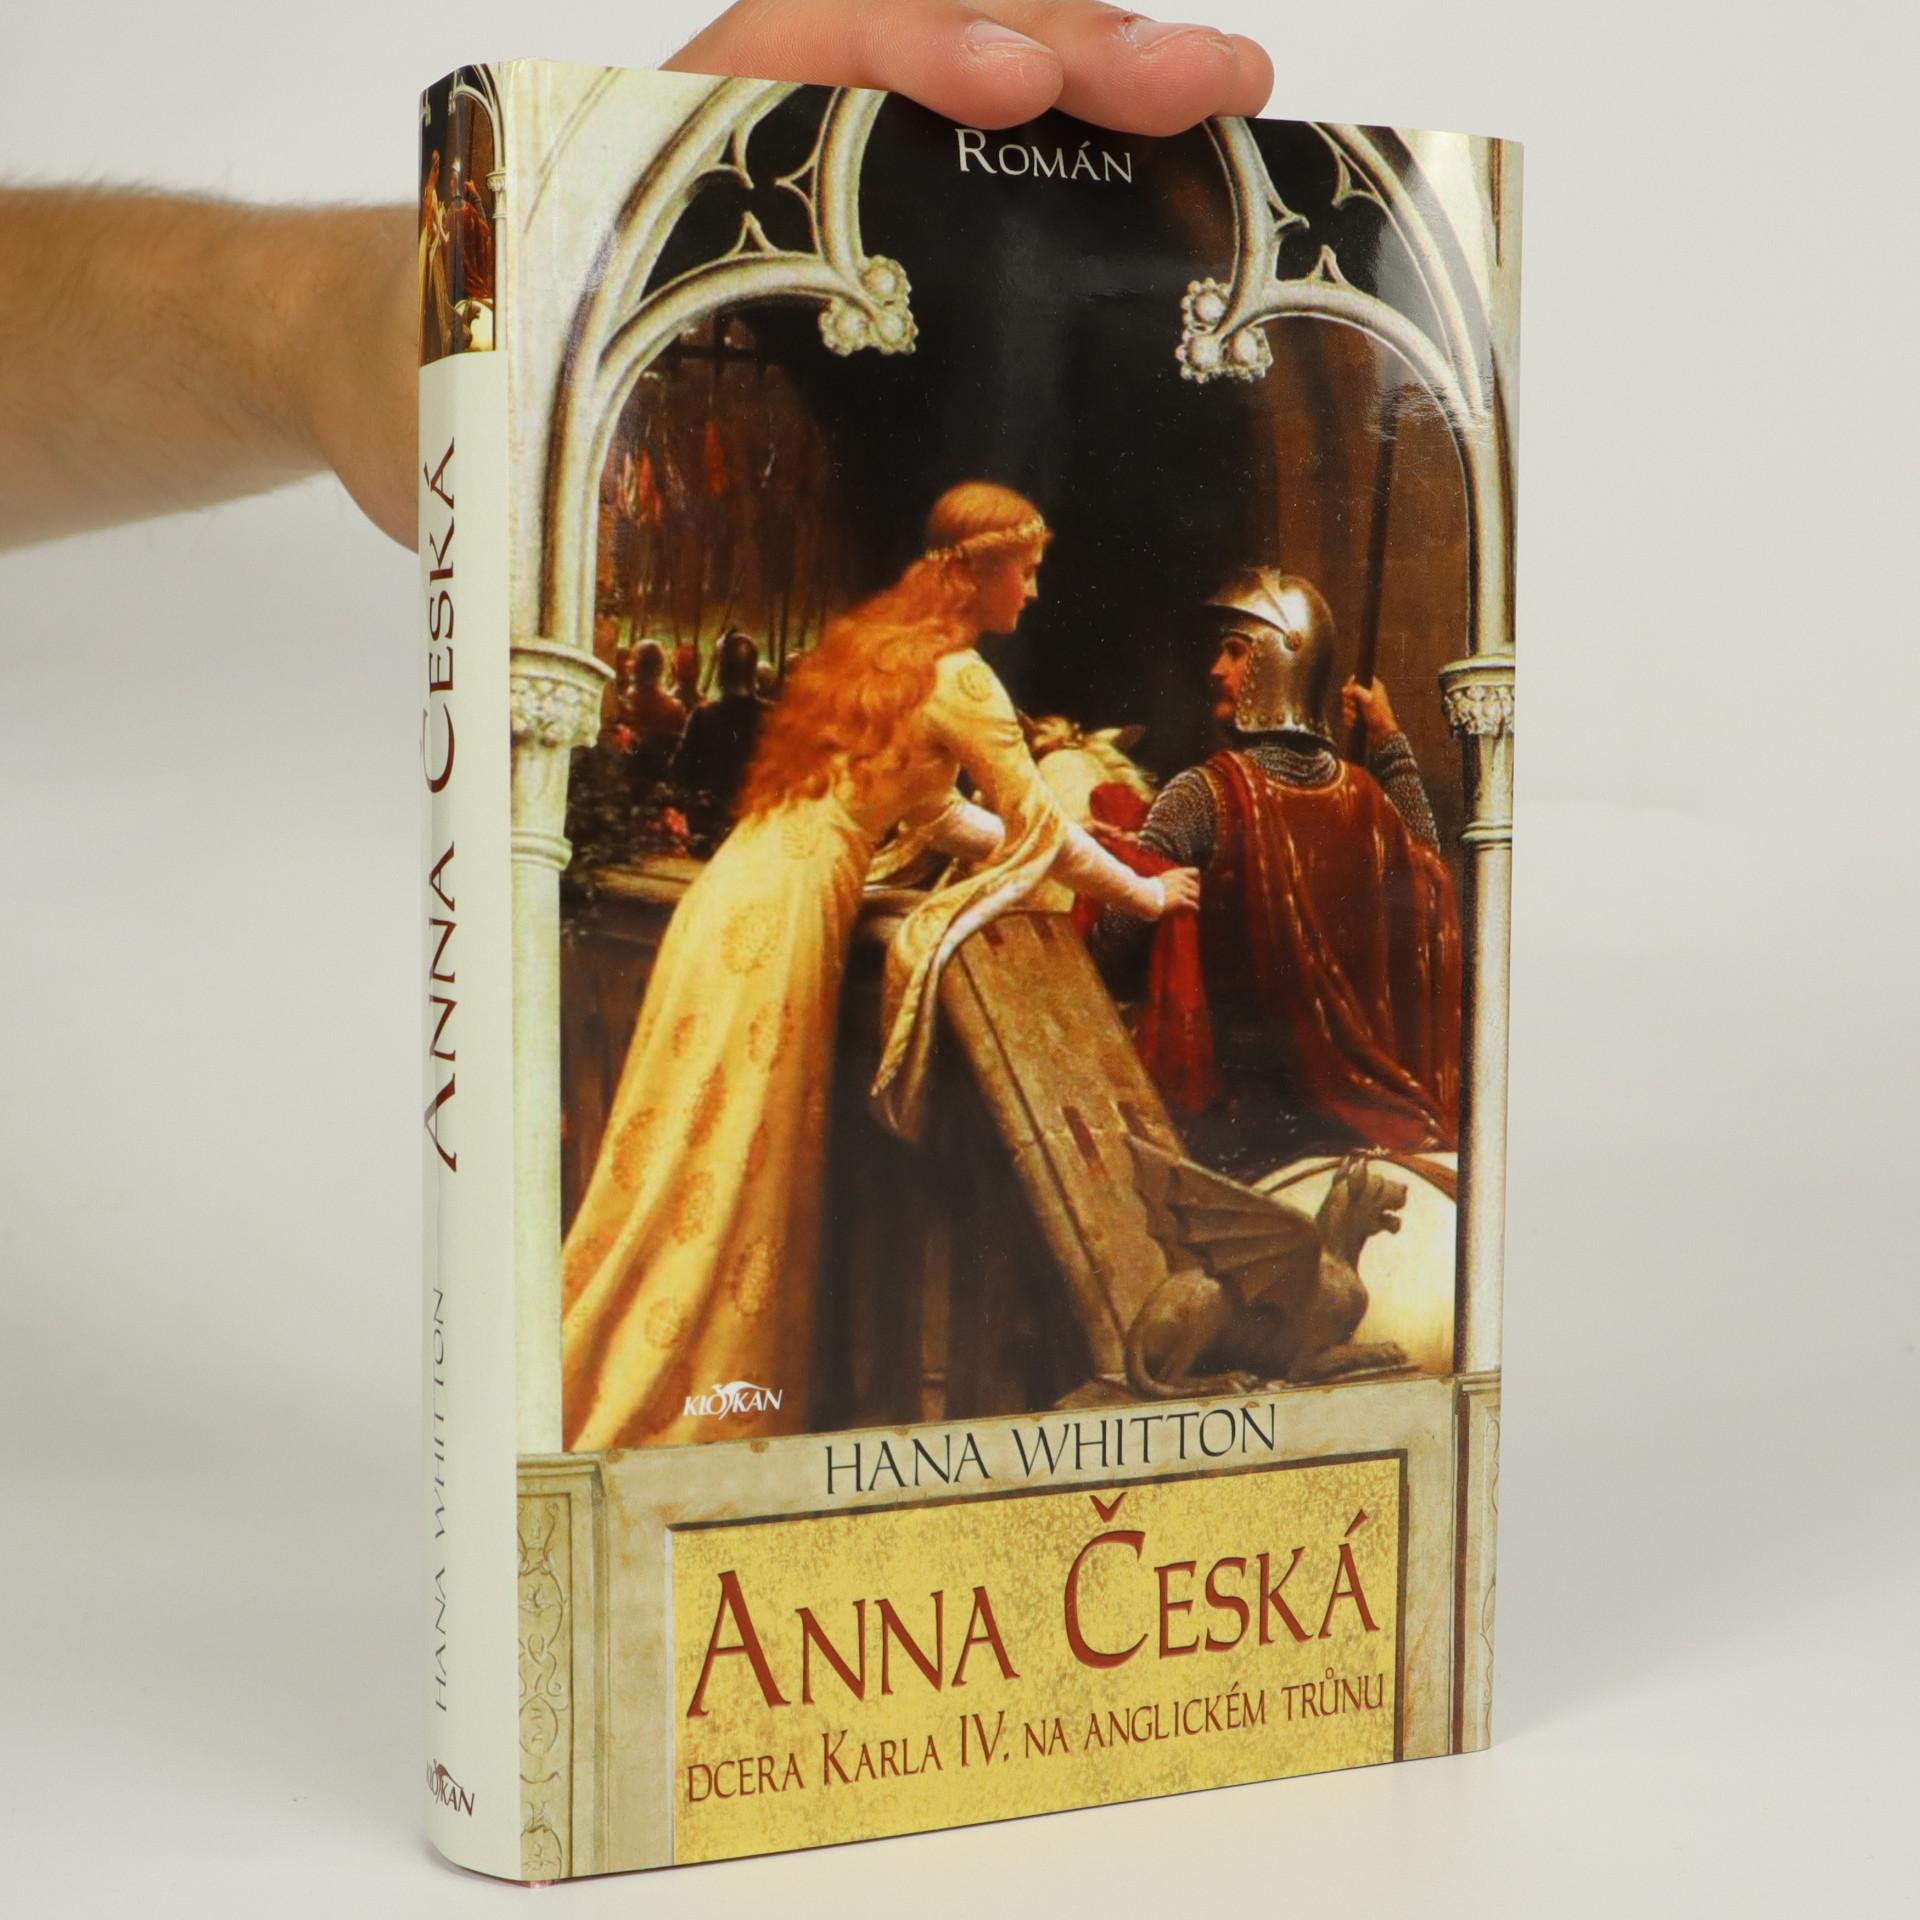 antikvární kniha Anna Česká. Dcera Karla IV. na anglickém trůnu, 2007